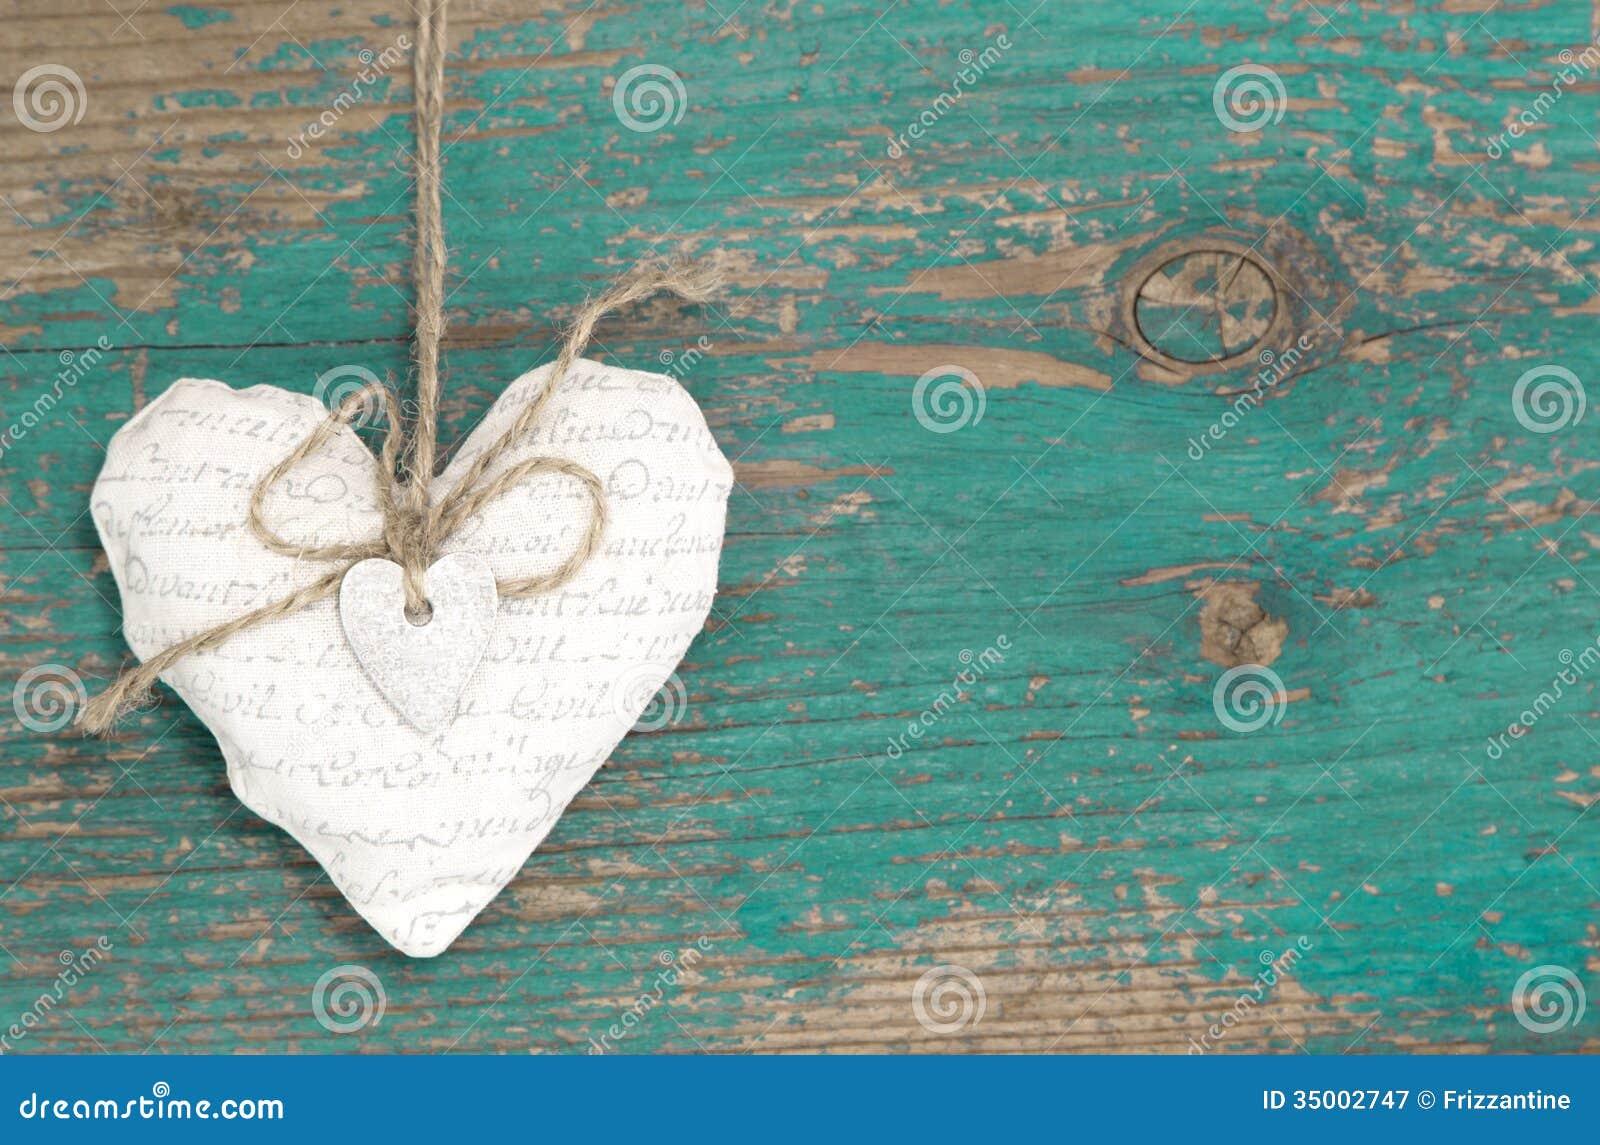 Hängande hjärta och turkosträbakgrund i landsstil.